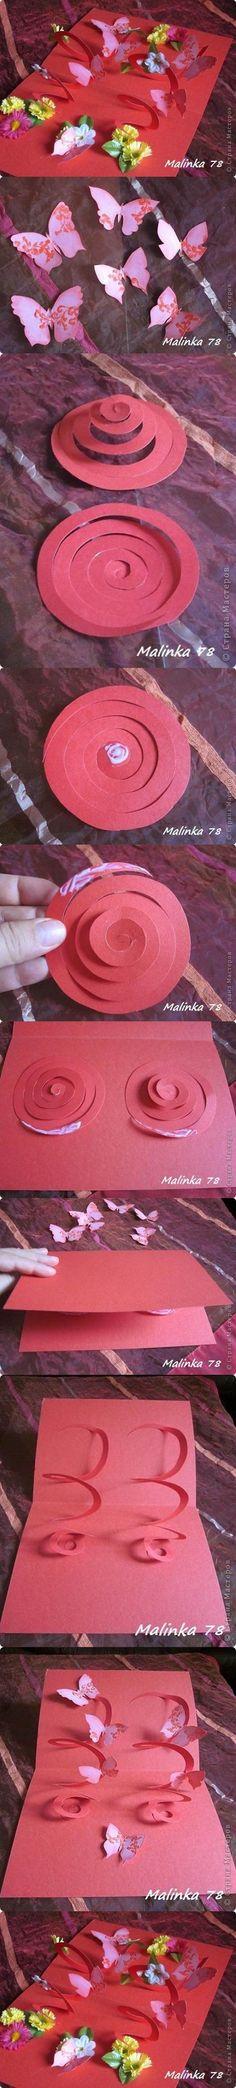 DIY 3D Butterfly and Flower Card | iCreativeIdeas.com Follow Us on Facebook --> https://www.facebook.com/icreativeideas